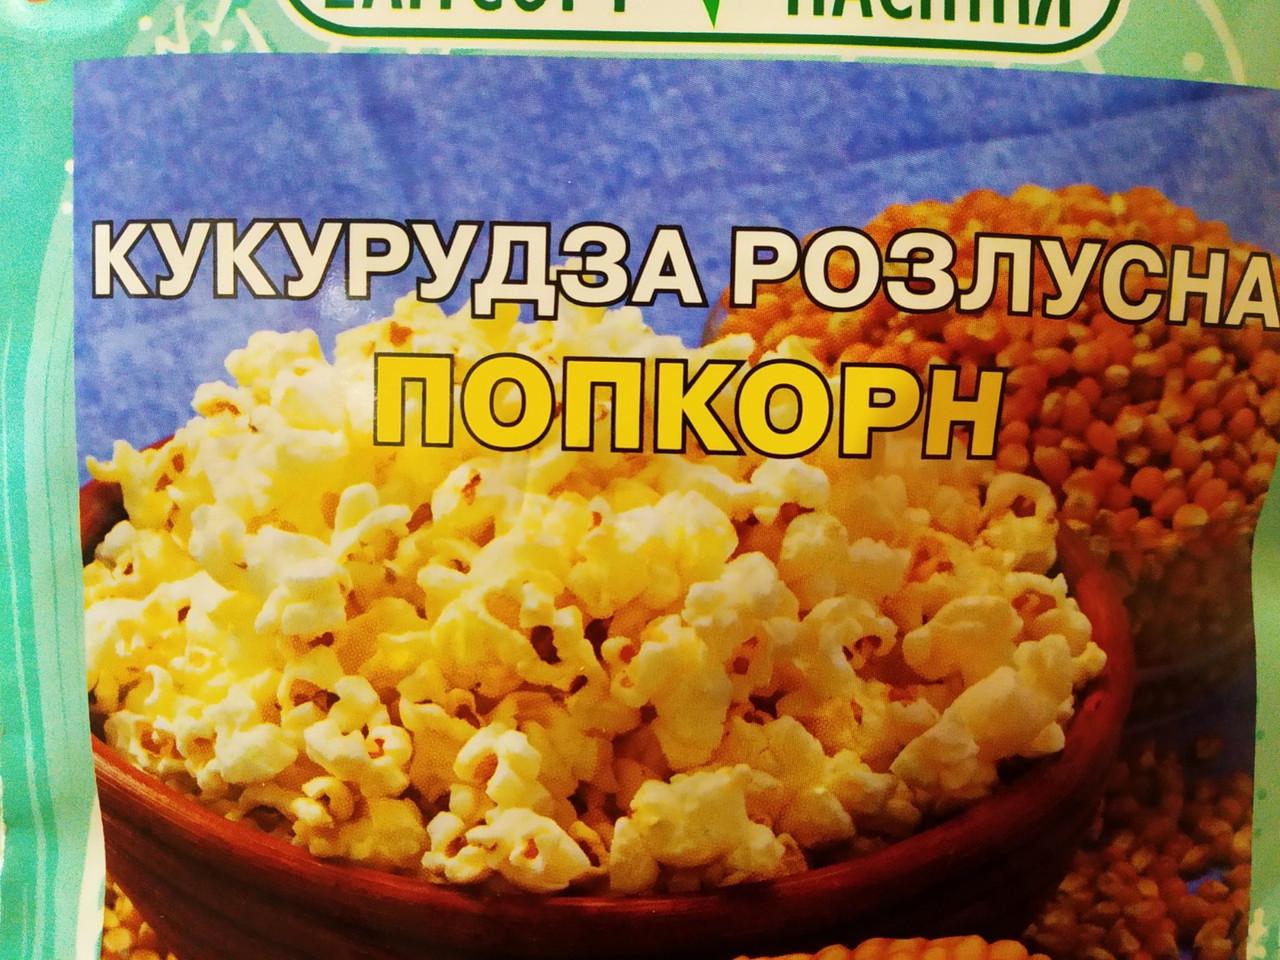 Насіння кукурудзи Попкорн среднераняя 50 грам Элитсортнасиння Україна